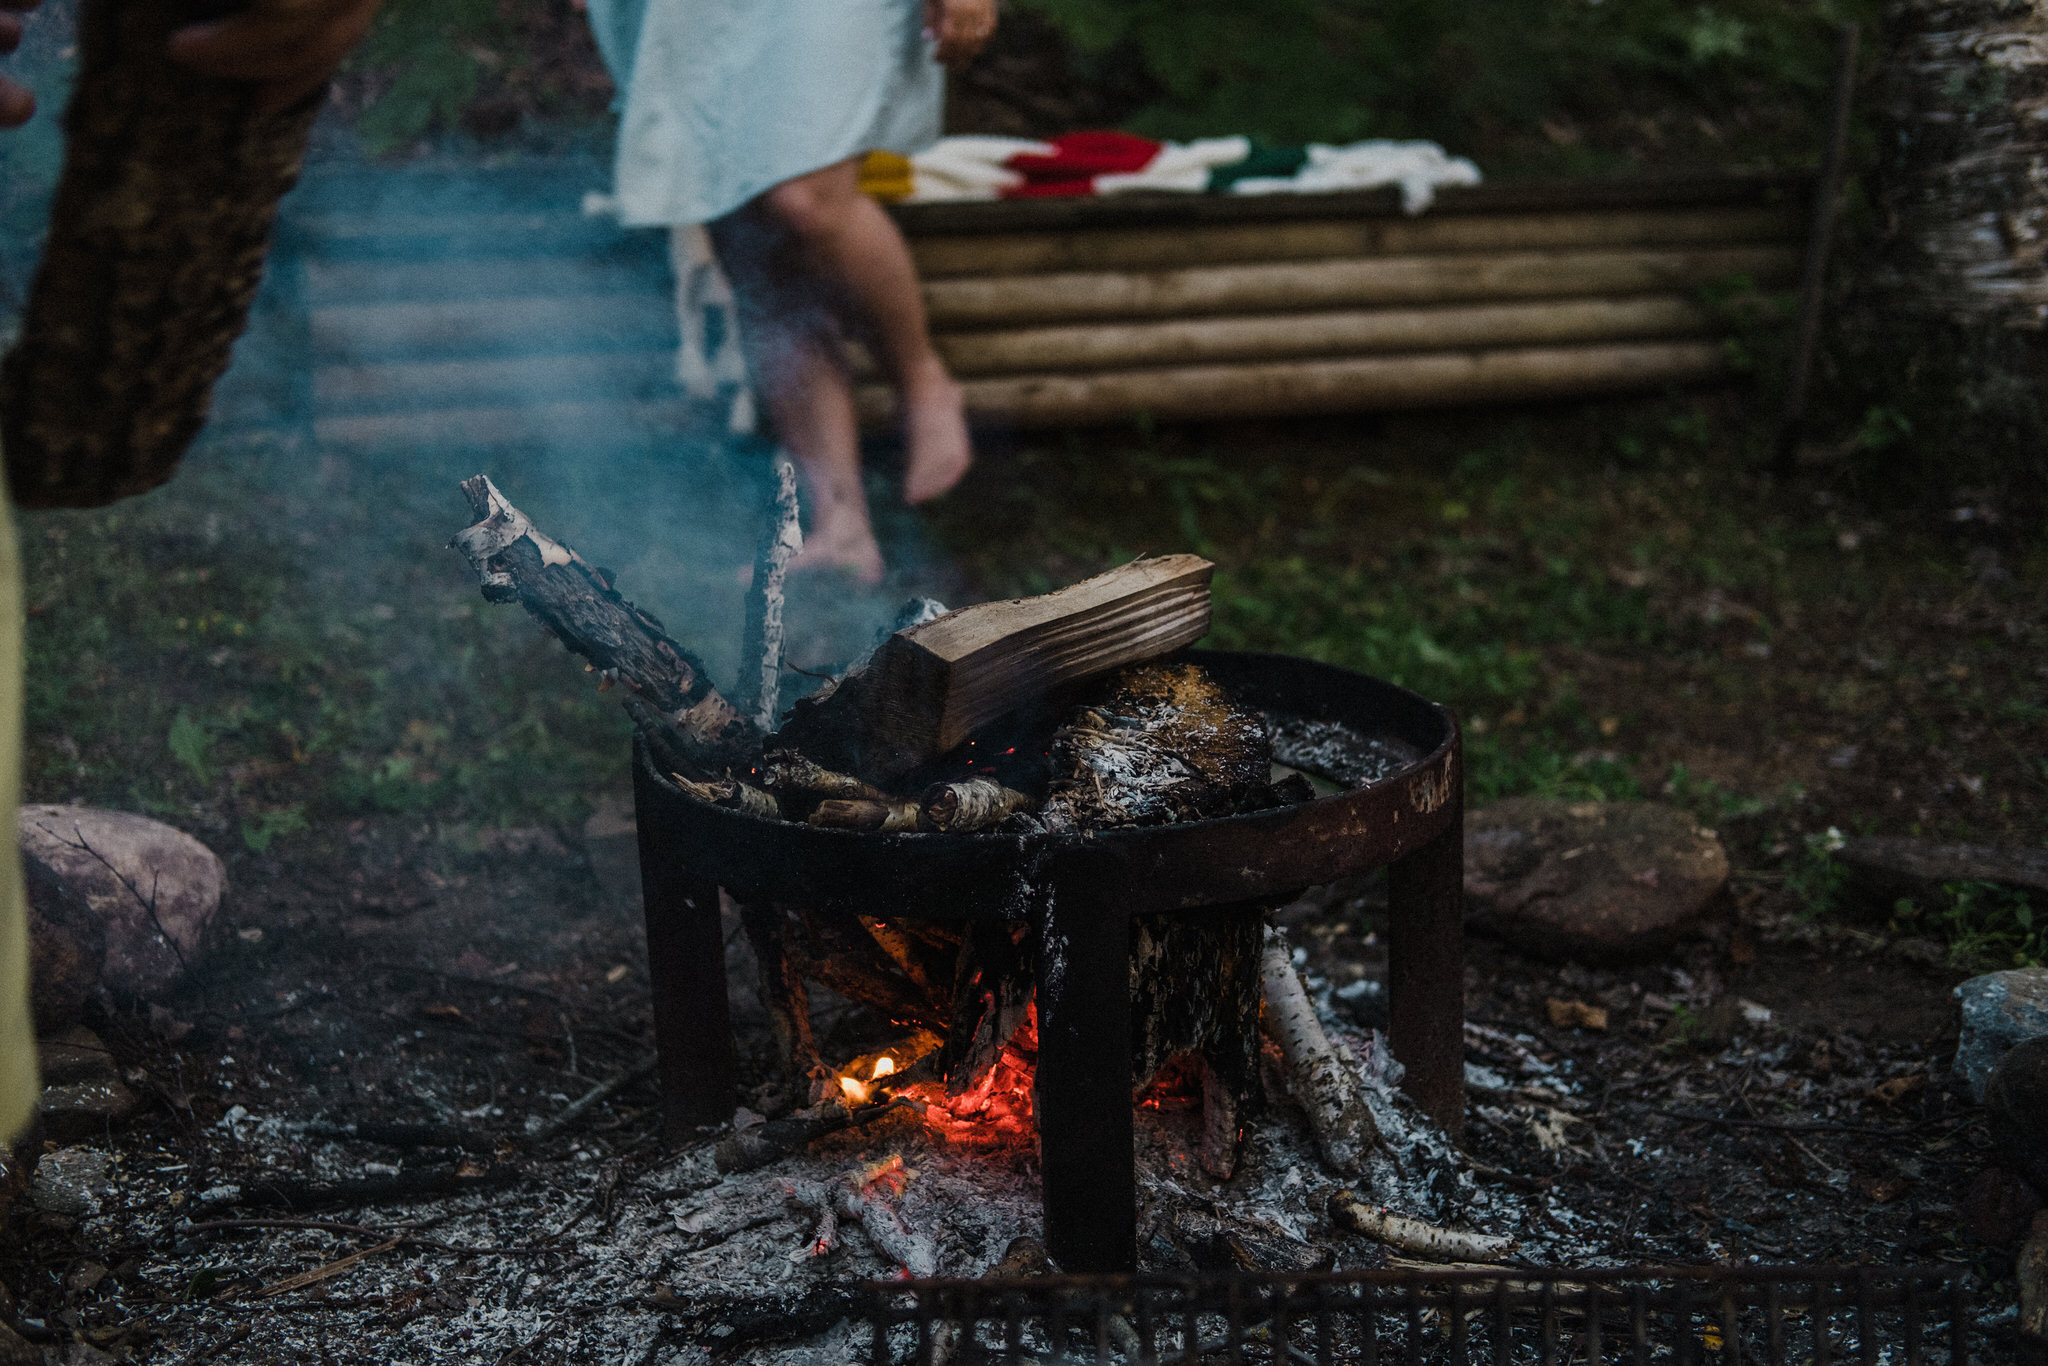 muskoka cottage engagement photos, firepit